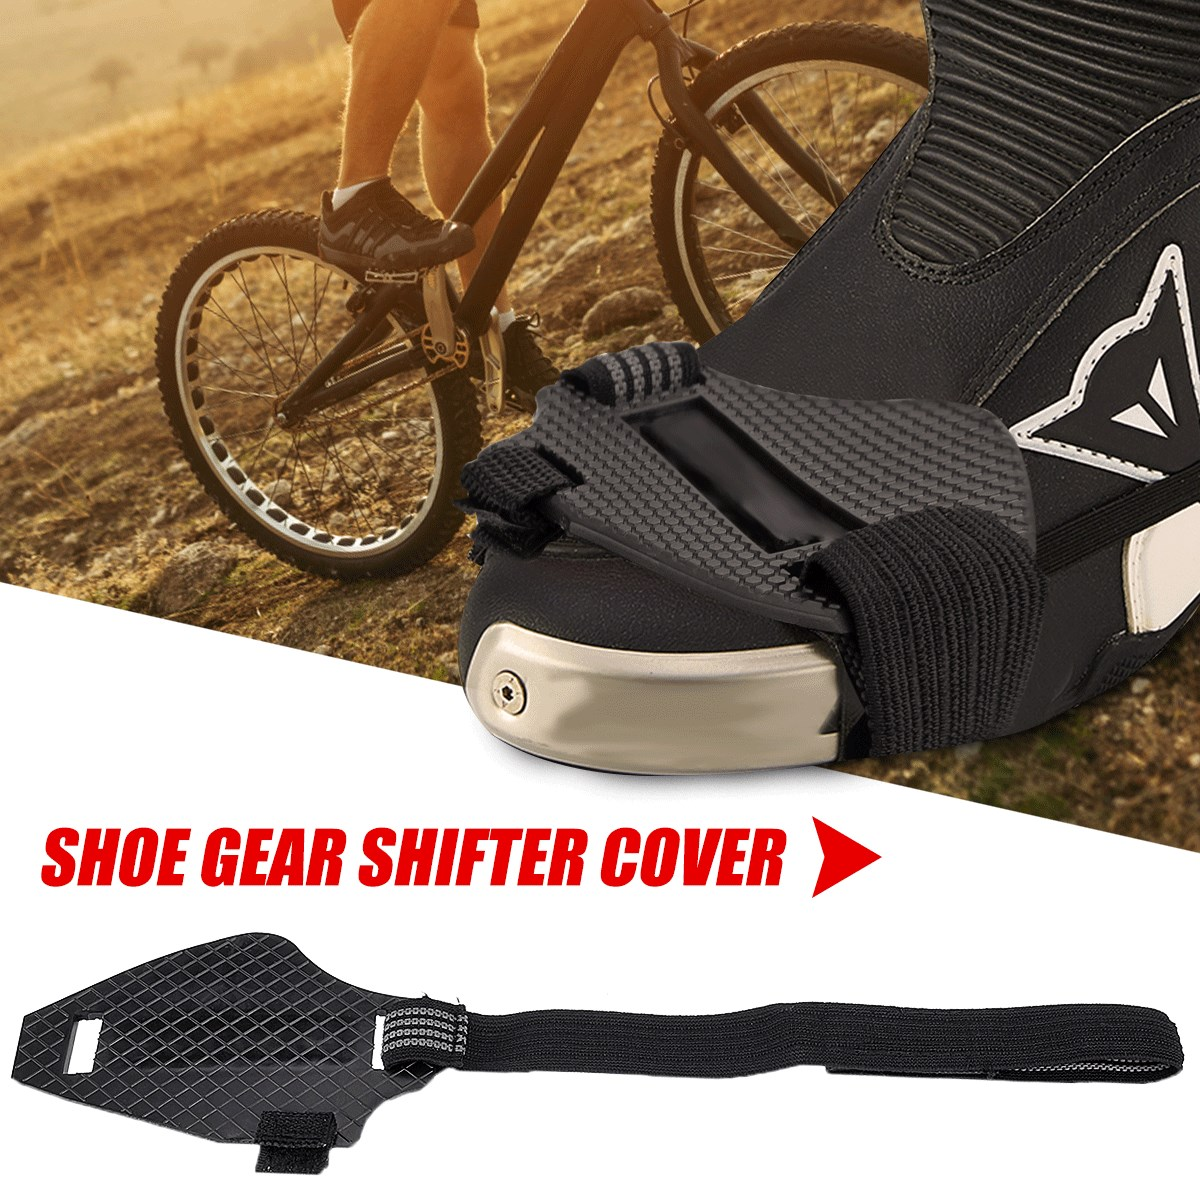 Motorrad Stiefel Abdeckung tragen-wider Gummi Motorrad Getriebe Shift Pad Reiten Motorrad Stiefel Abdeckung Protector Shifter Wachen